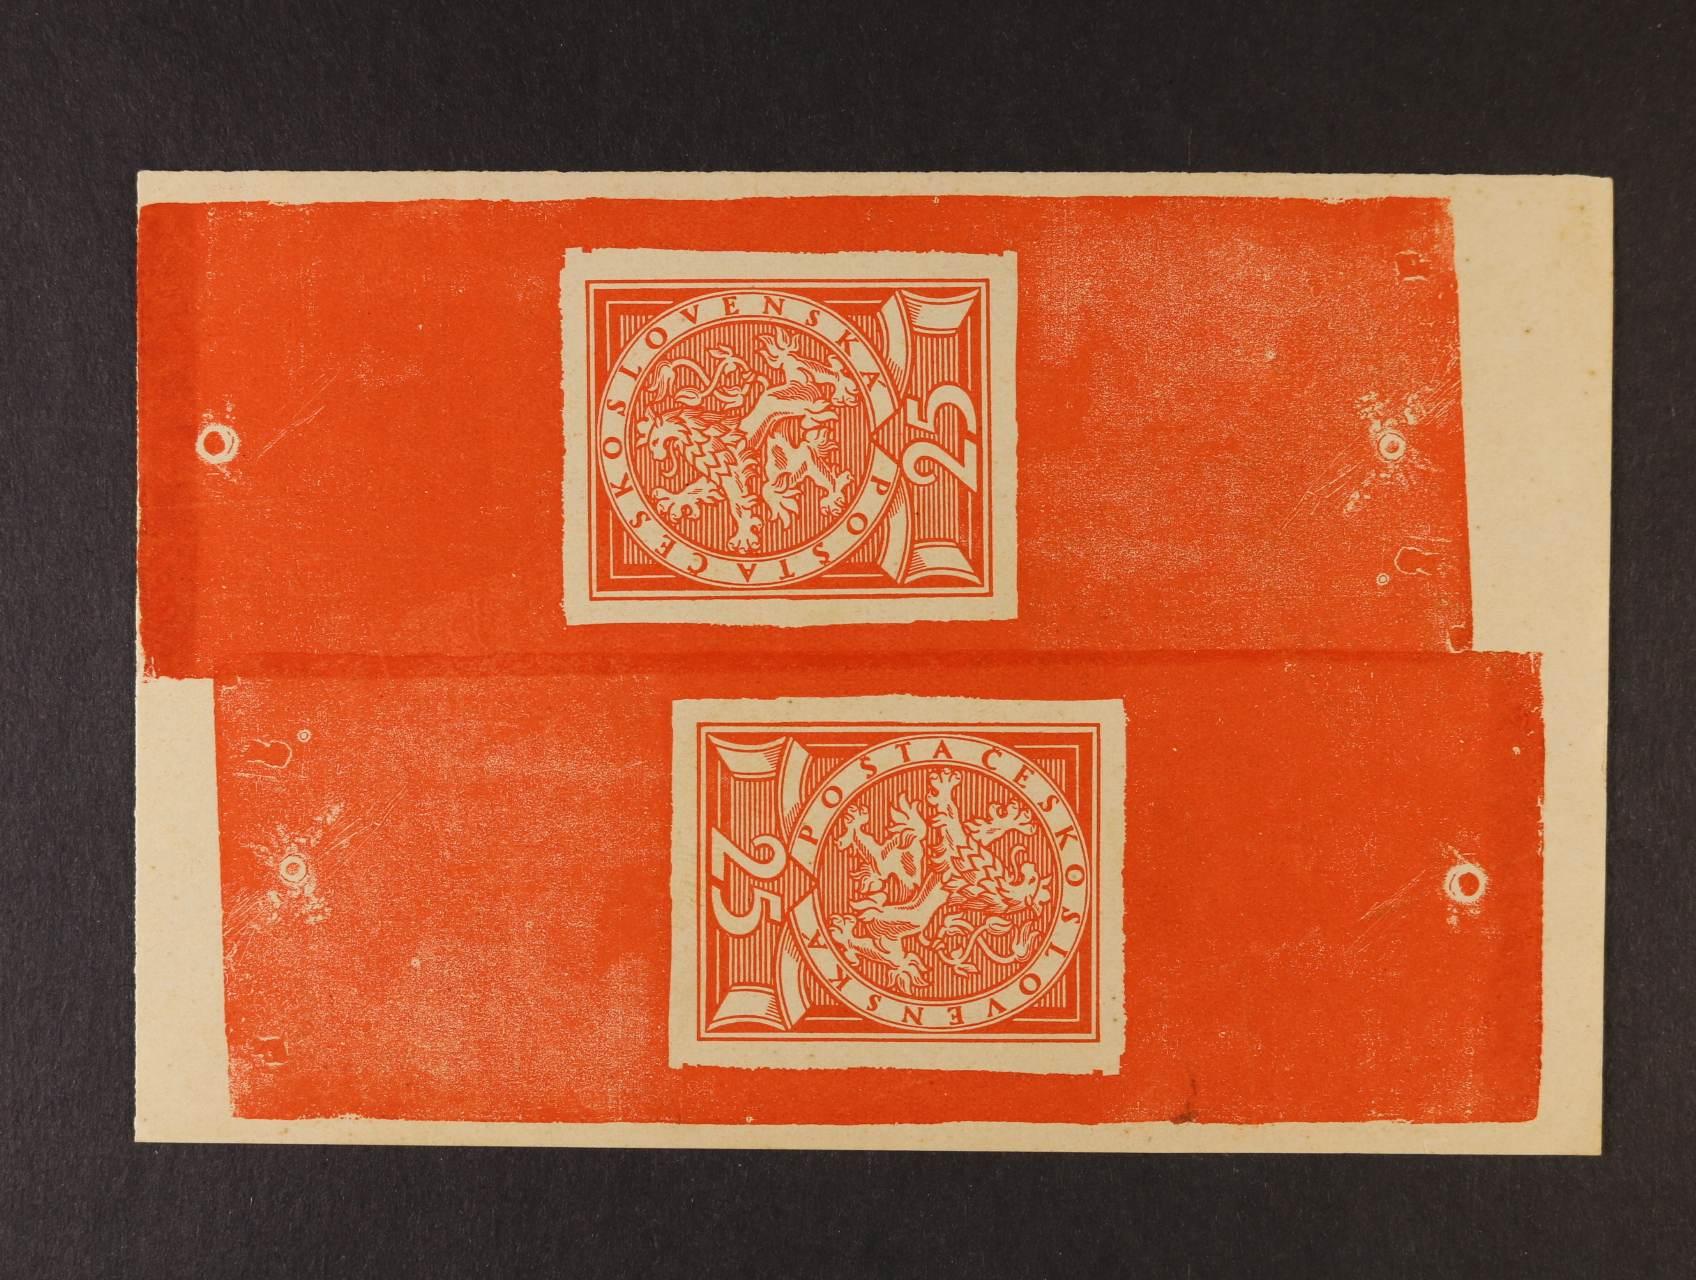 předlohový tisk nepřijatého návrhu 25h od V. H. Brunera, 3. soutěž, větší formát 34 - 44 mm v protichůdném soutisku v červené barvě na kousku papíru z nevyčištěné desky